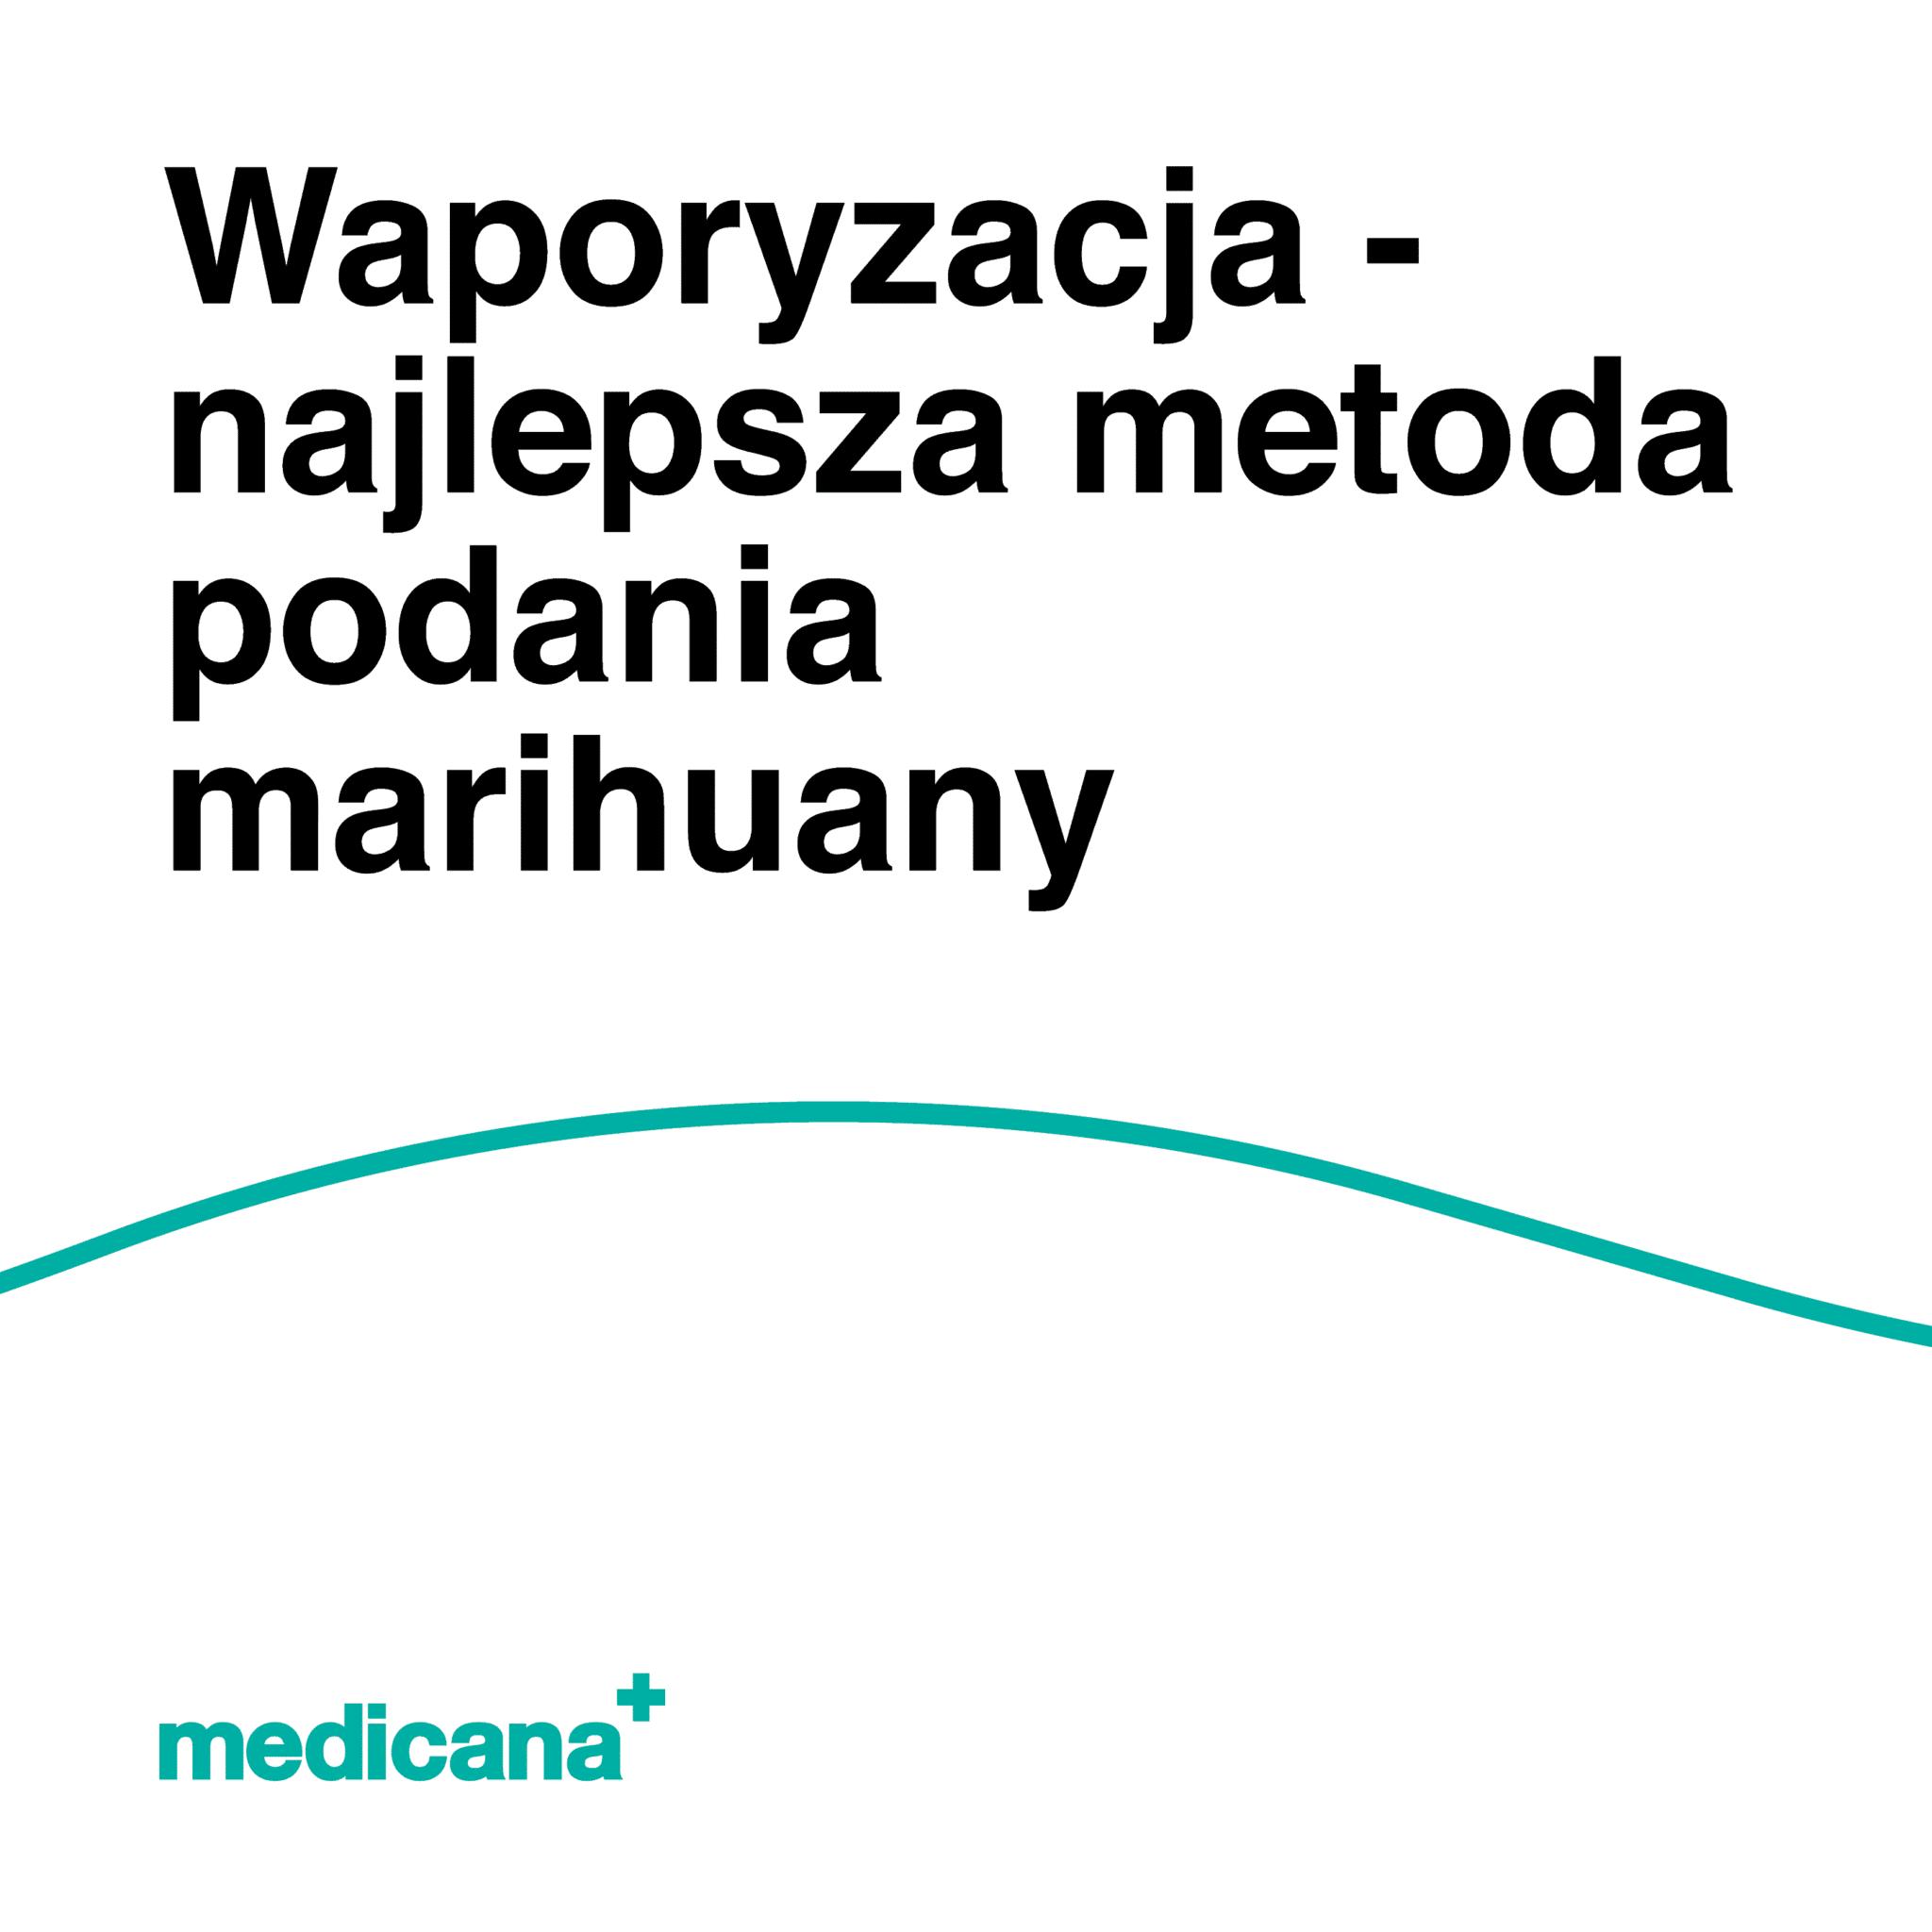 Grafika, białe tło z zieloną linią, czarnym napisem Waporyzacja najlepsza metoda podania marihuany oraz zielonym logo Medicana w lewym dolnym rogu.